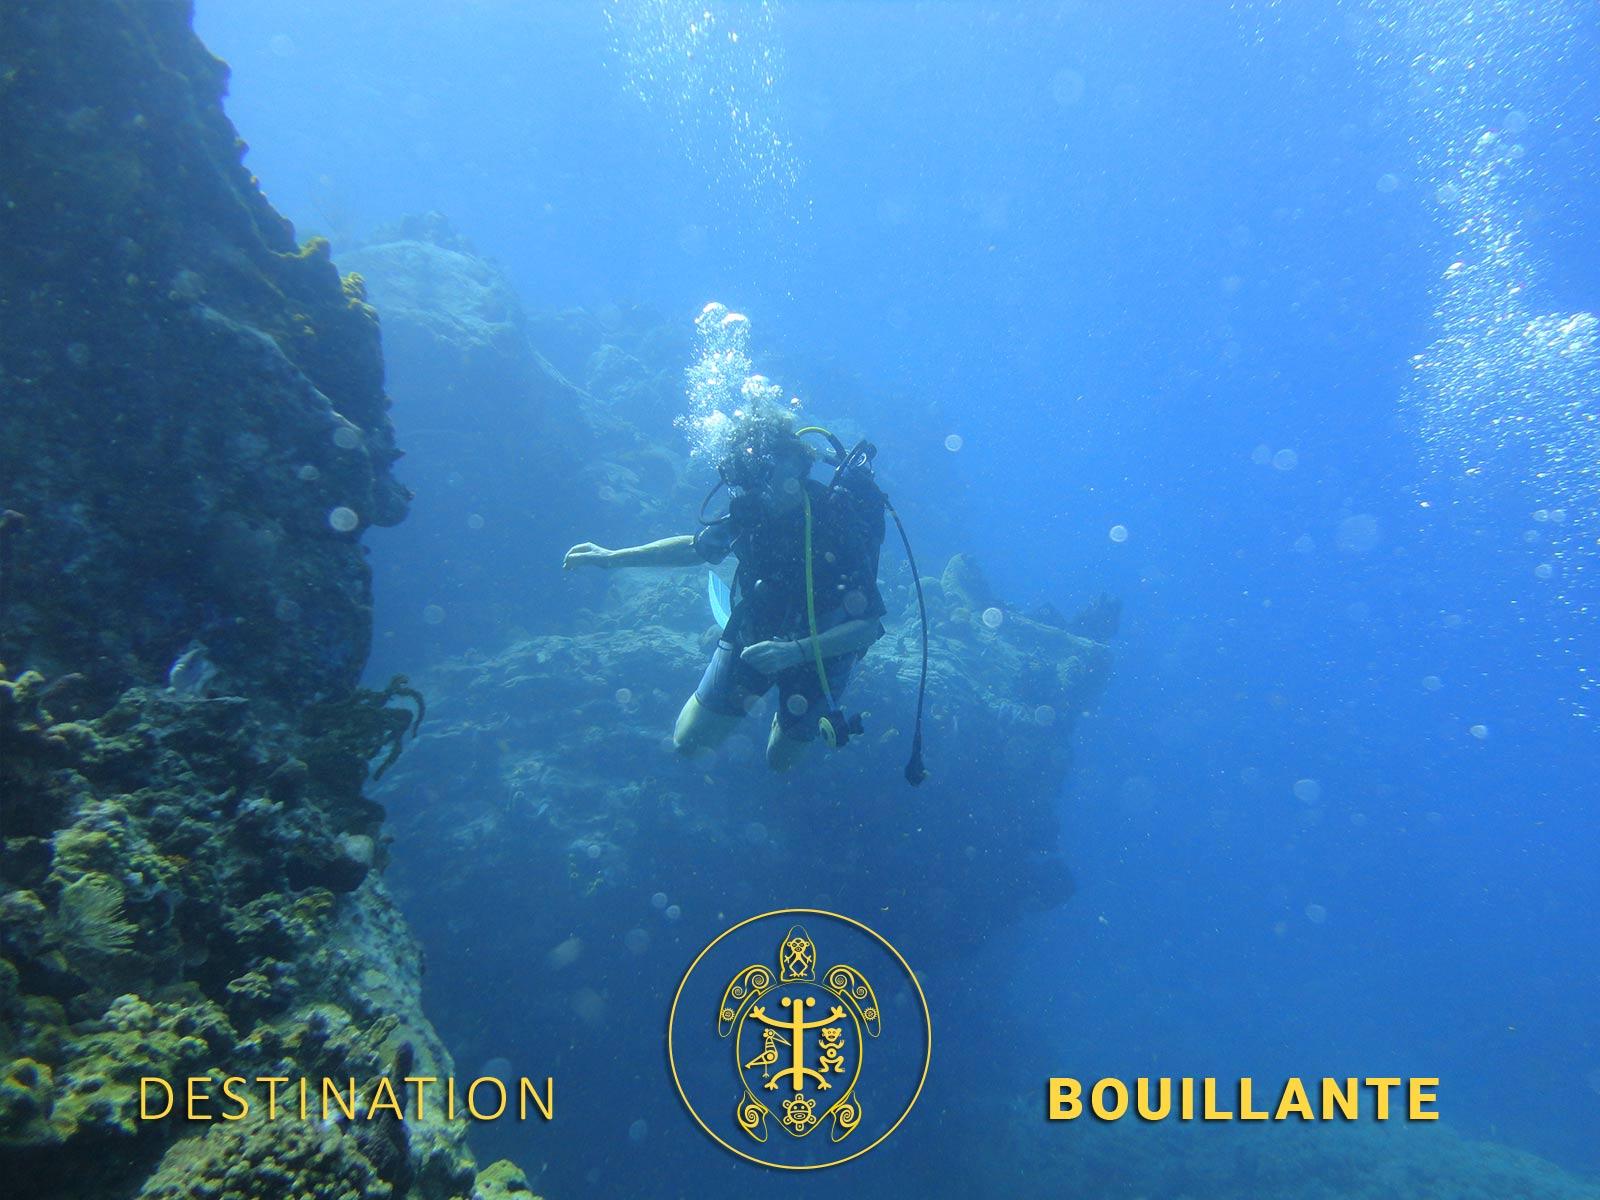 Plongée à Bouillante